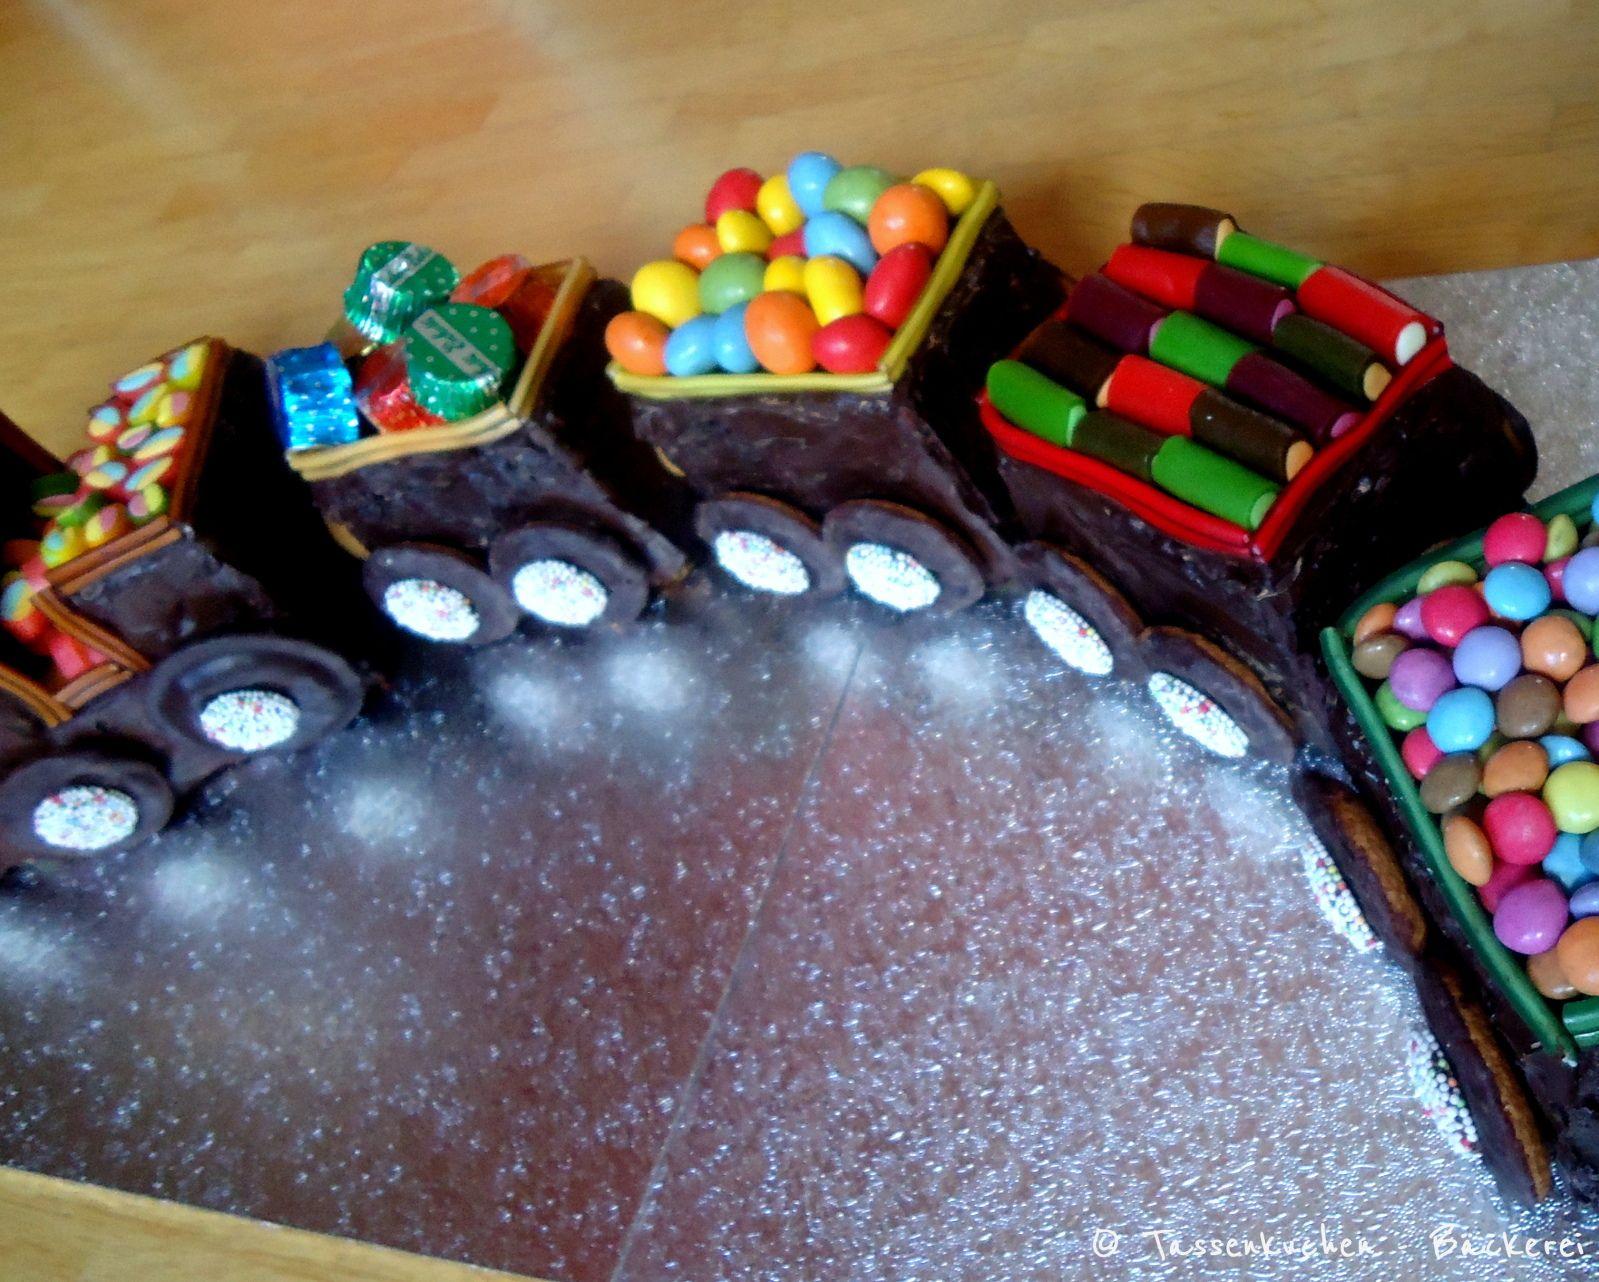 Kuchen Zug Geburtstagskuchen Fur Kinder Amp Quot Geburtstagszug Amp